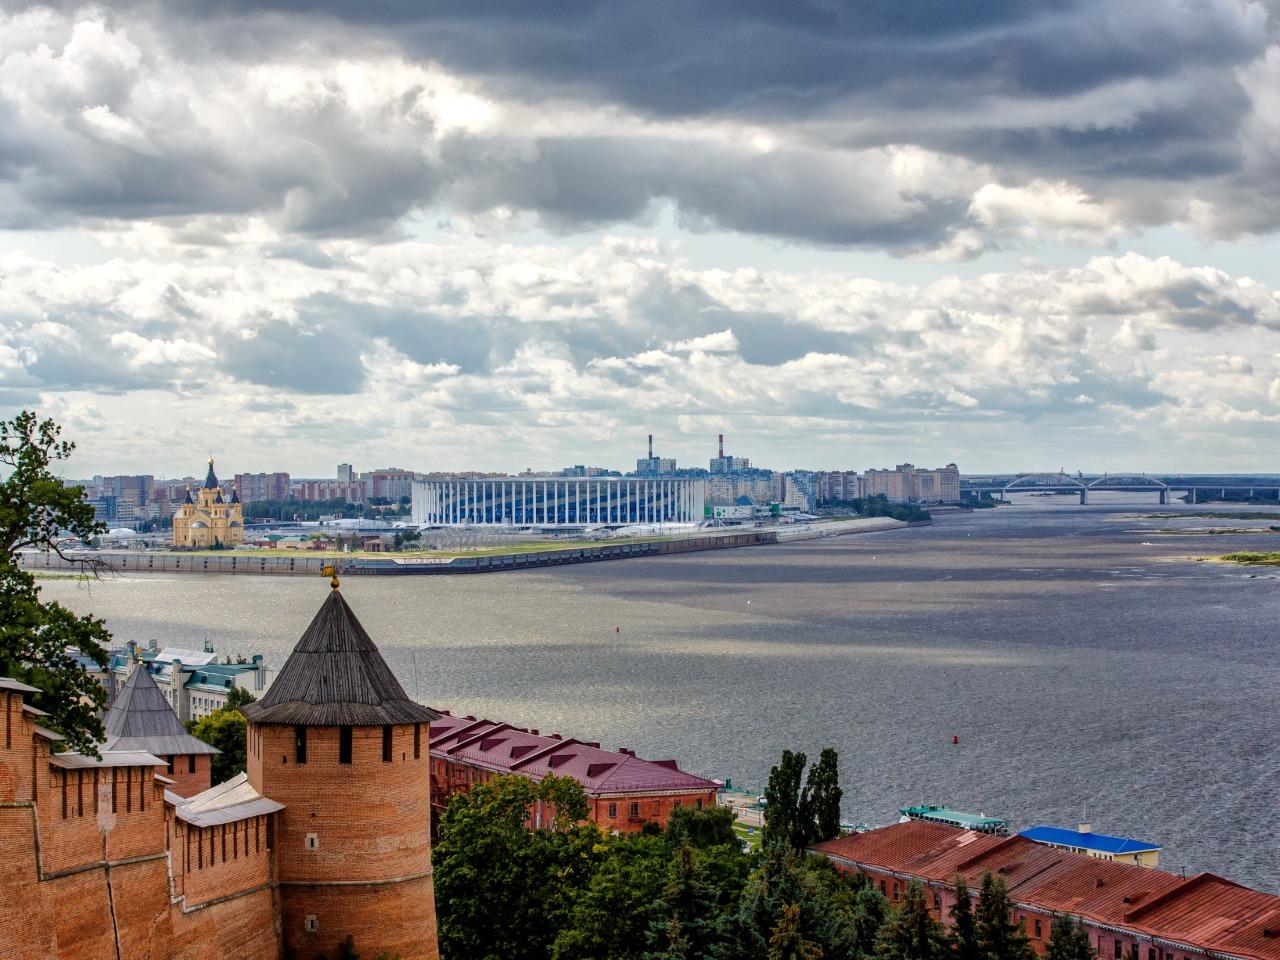 Царственно поставленный город - индивидуальная экскурсия по Нижнему Новгороду от опытного гида